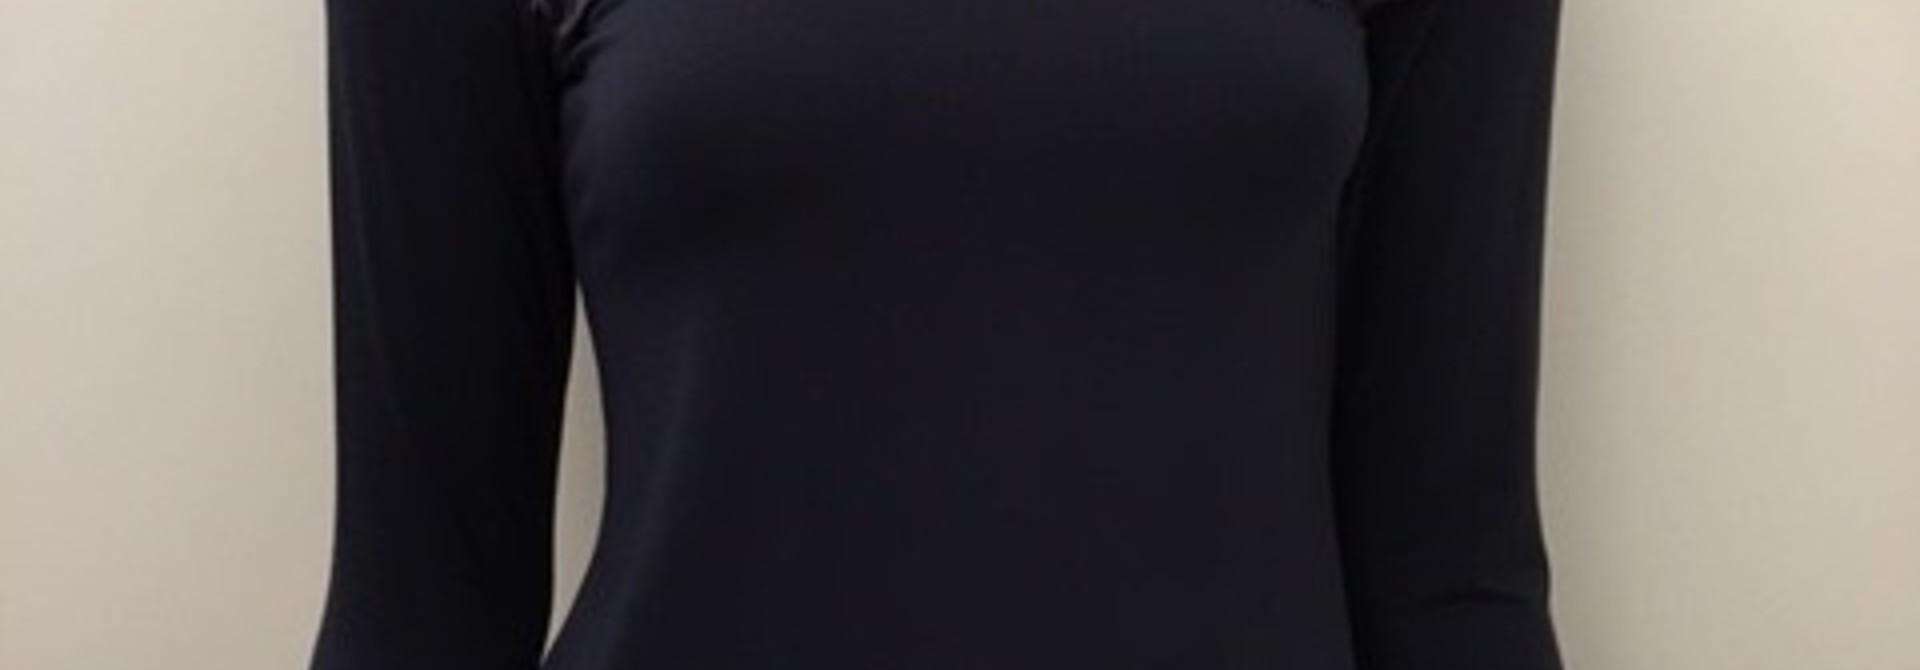 T-Shirt met kant lange mouw Greta 1045509 - donkerblauw